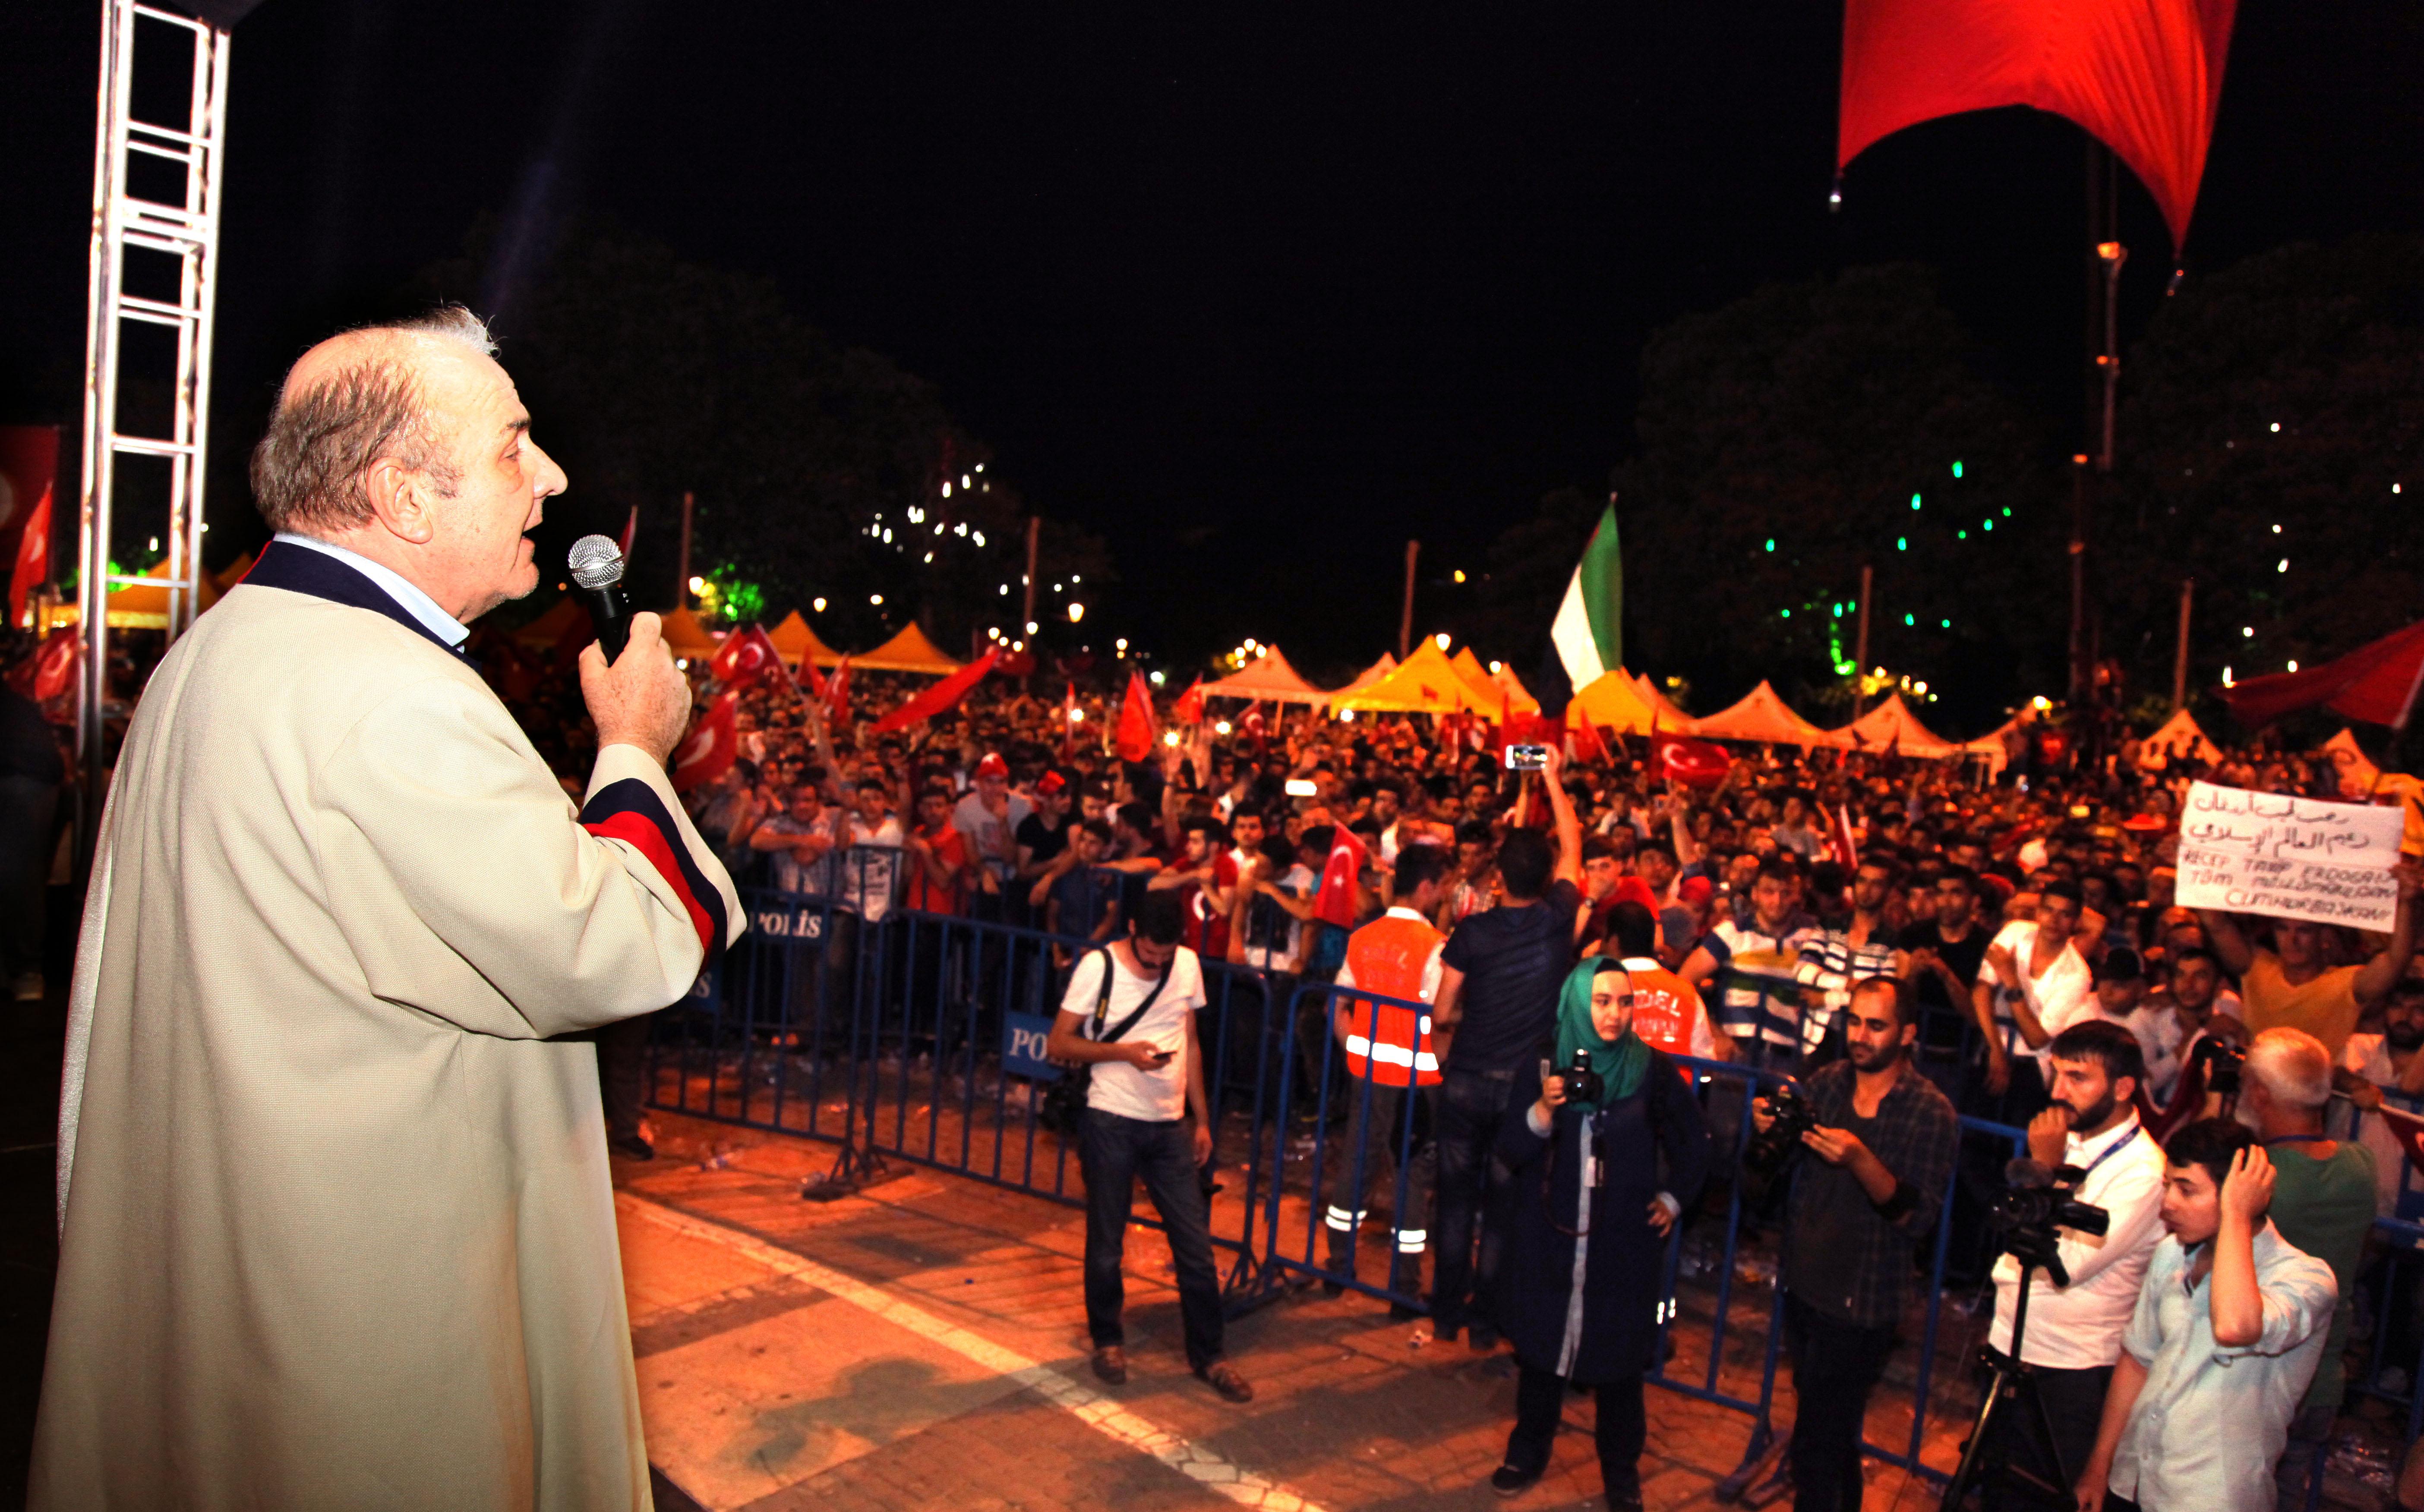 Gaziantep Üniversitesi Senatosu Demokrasi Nöbeti için Demokrasi Meydanı'na gitti -  (6)